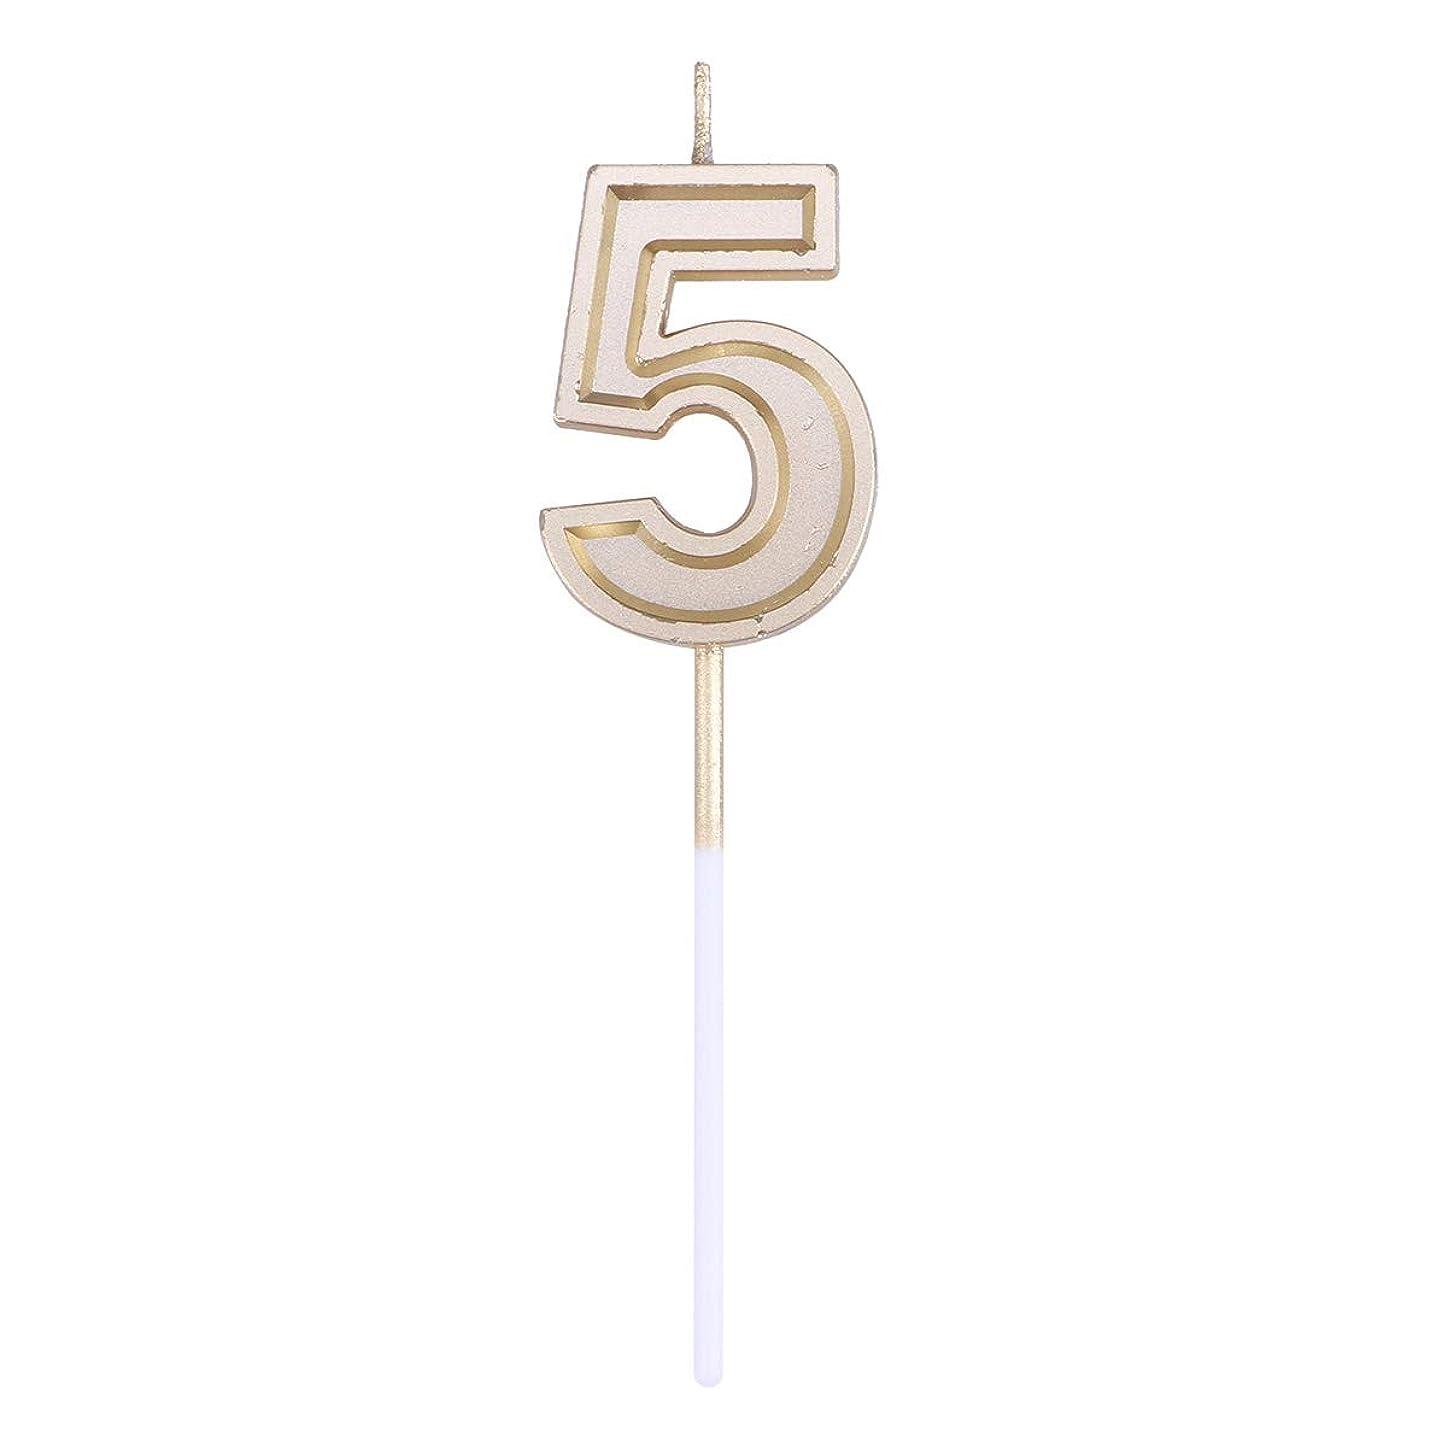 メナジェリー接ぎ木オーチャードToyvian ゴールドラメ誕生日おめでとう数字キャンドル番号キャンドルケーキトッパー装飾用大人キッズパーティー(5)